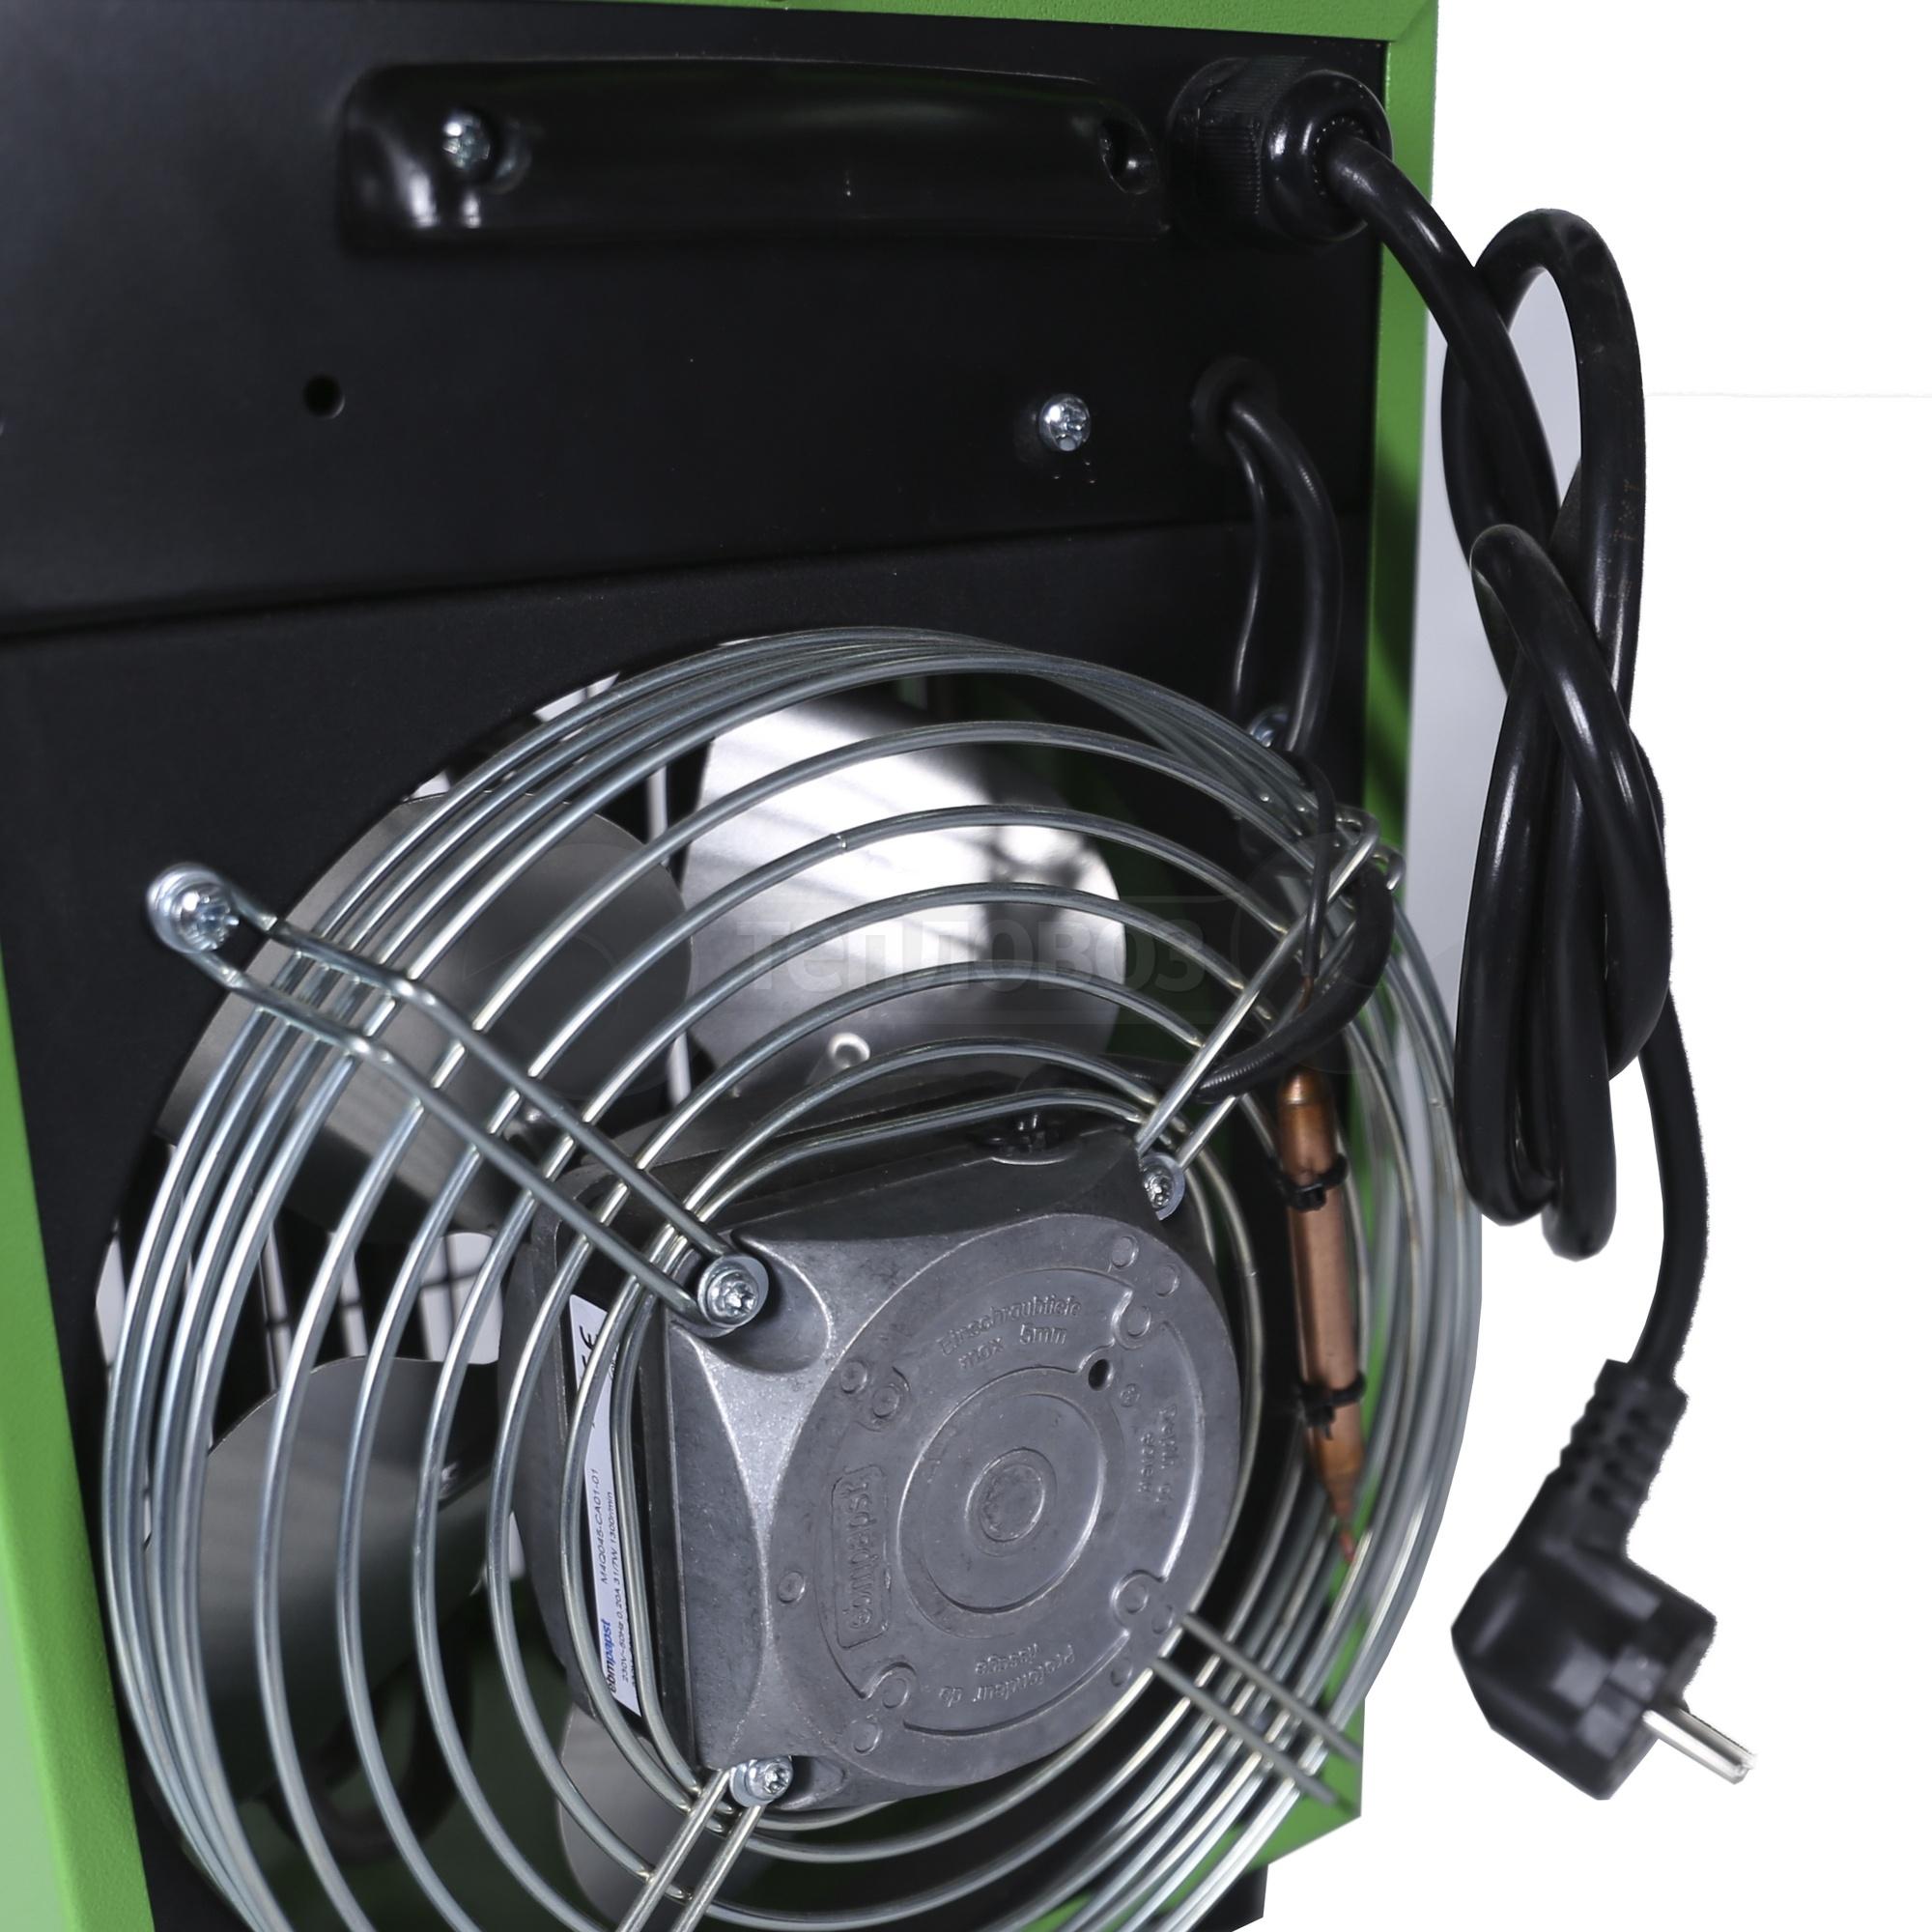 Otgon КЭВ-3, 3 кВт, зеленый